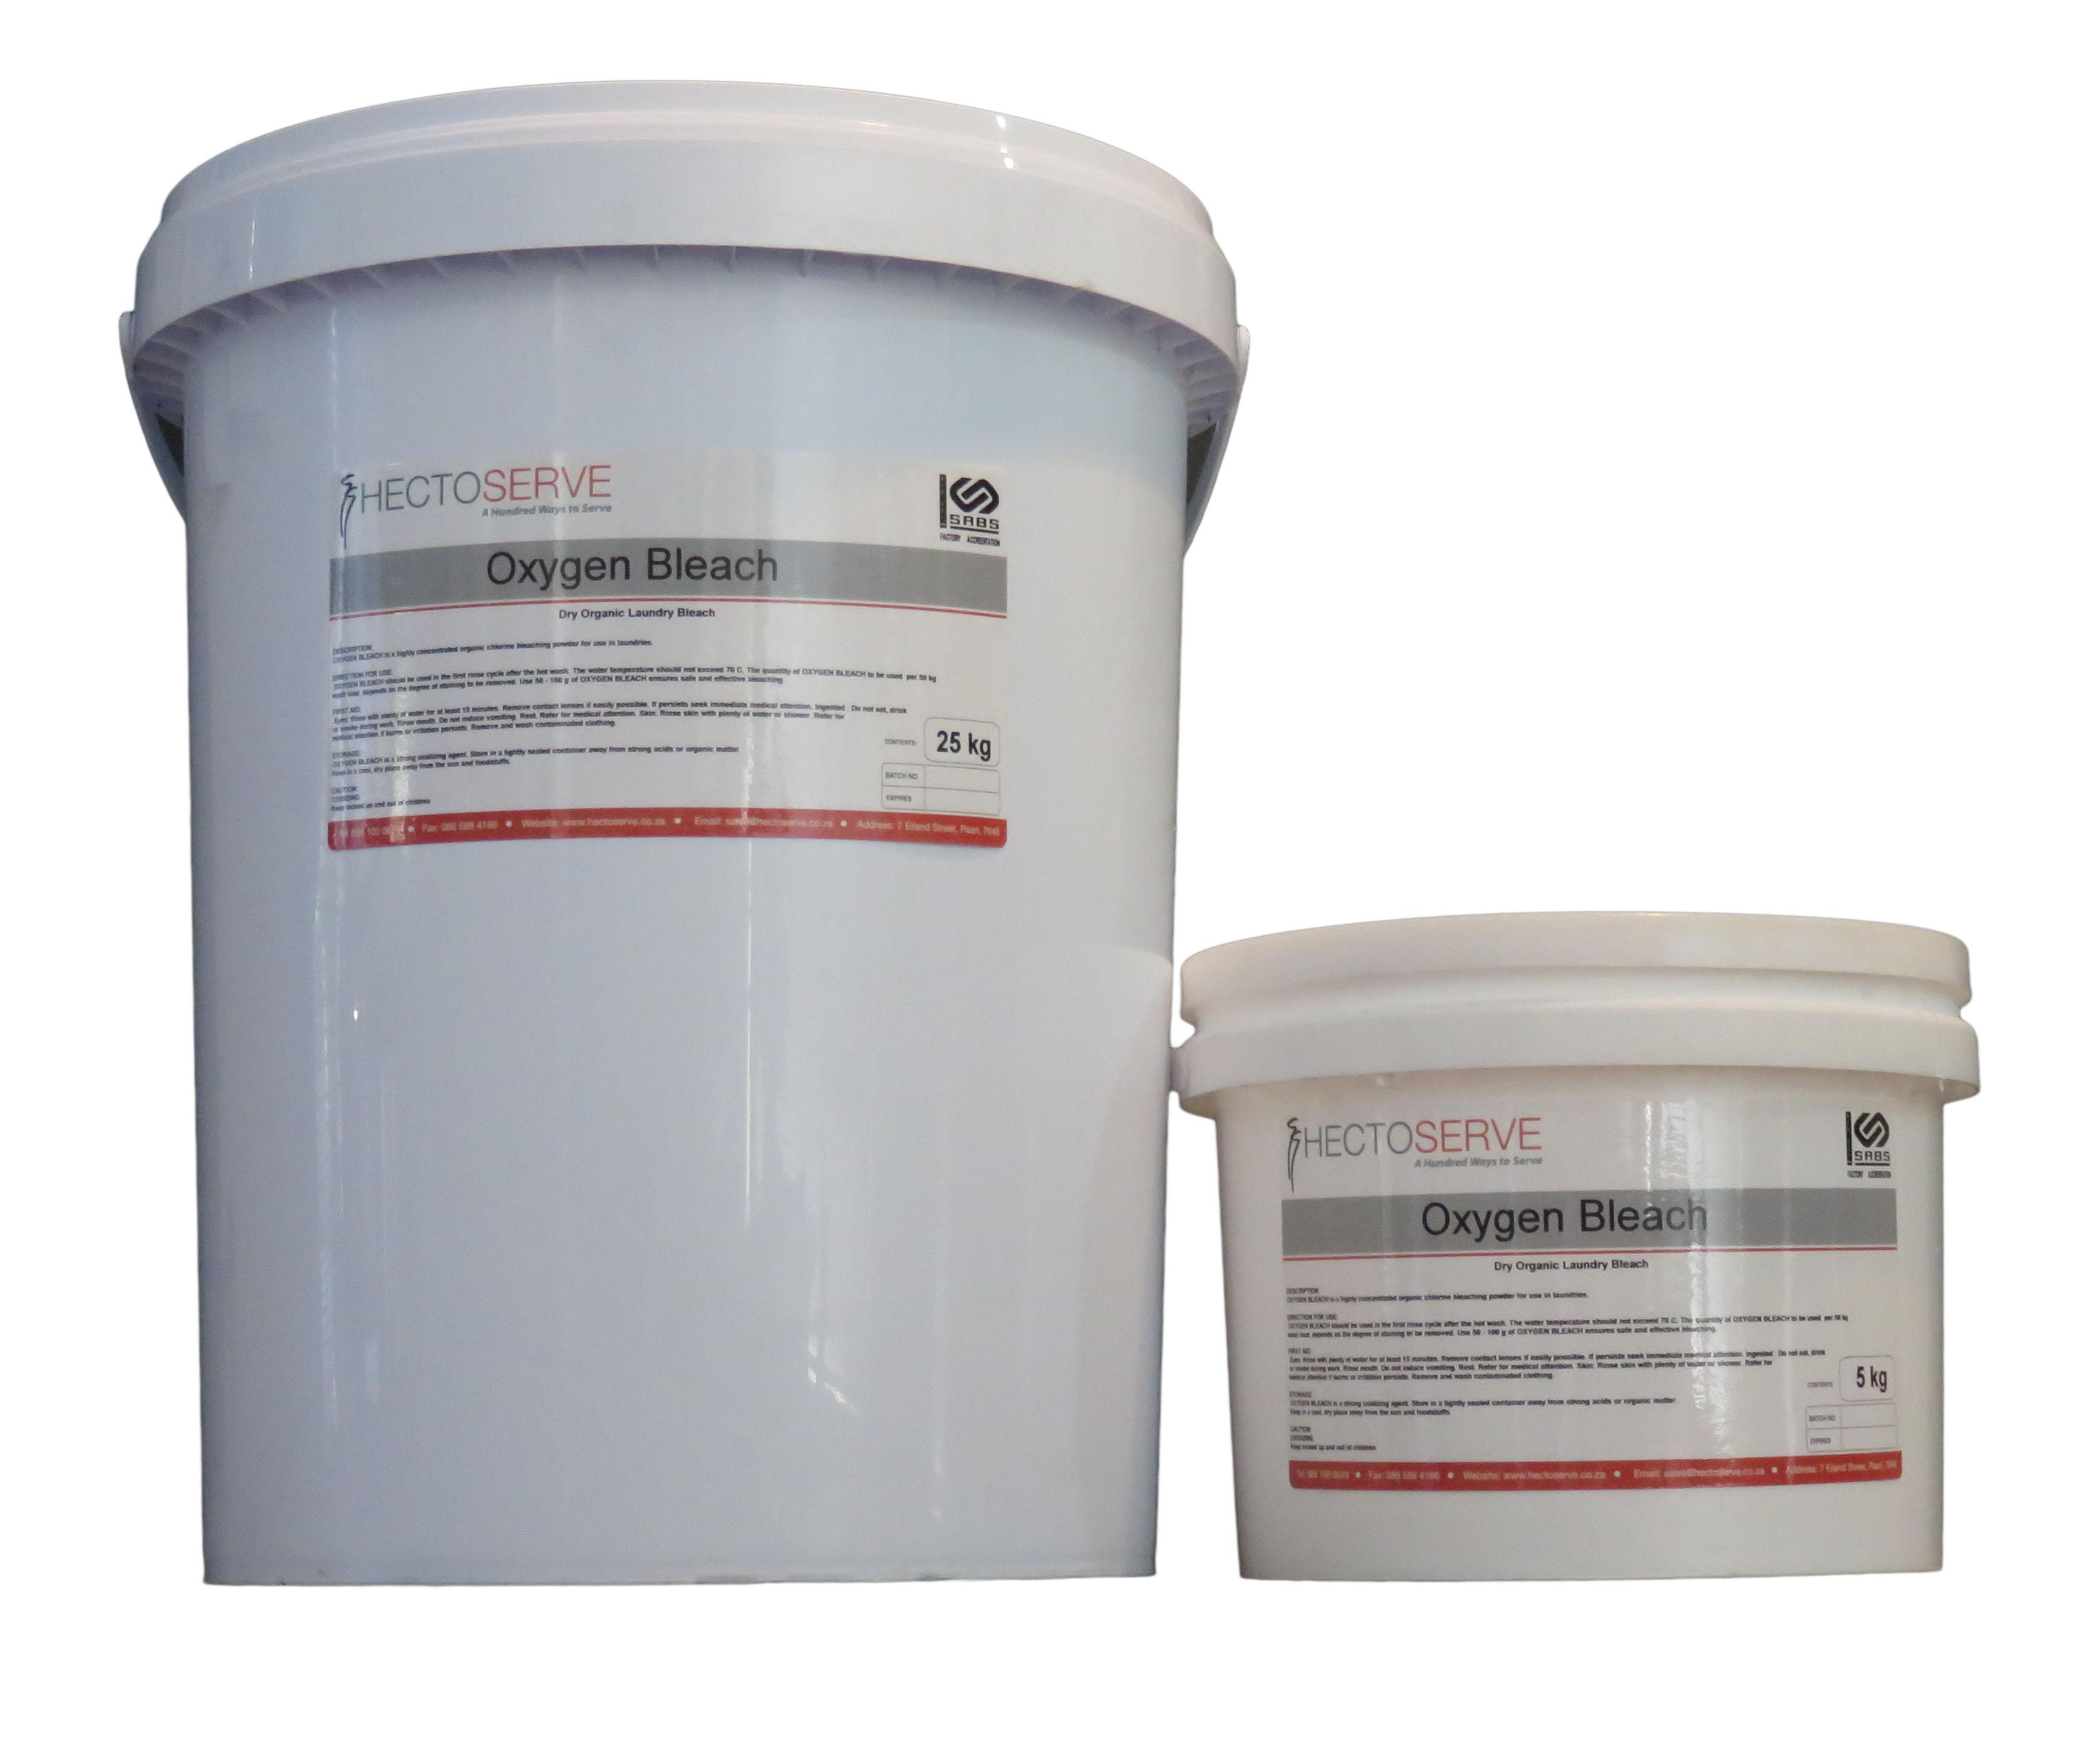 Hectoserve Oxygen Bleach Powder